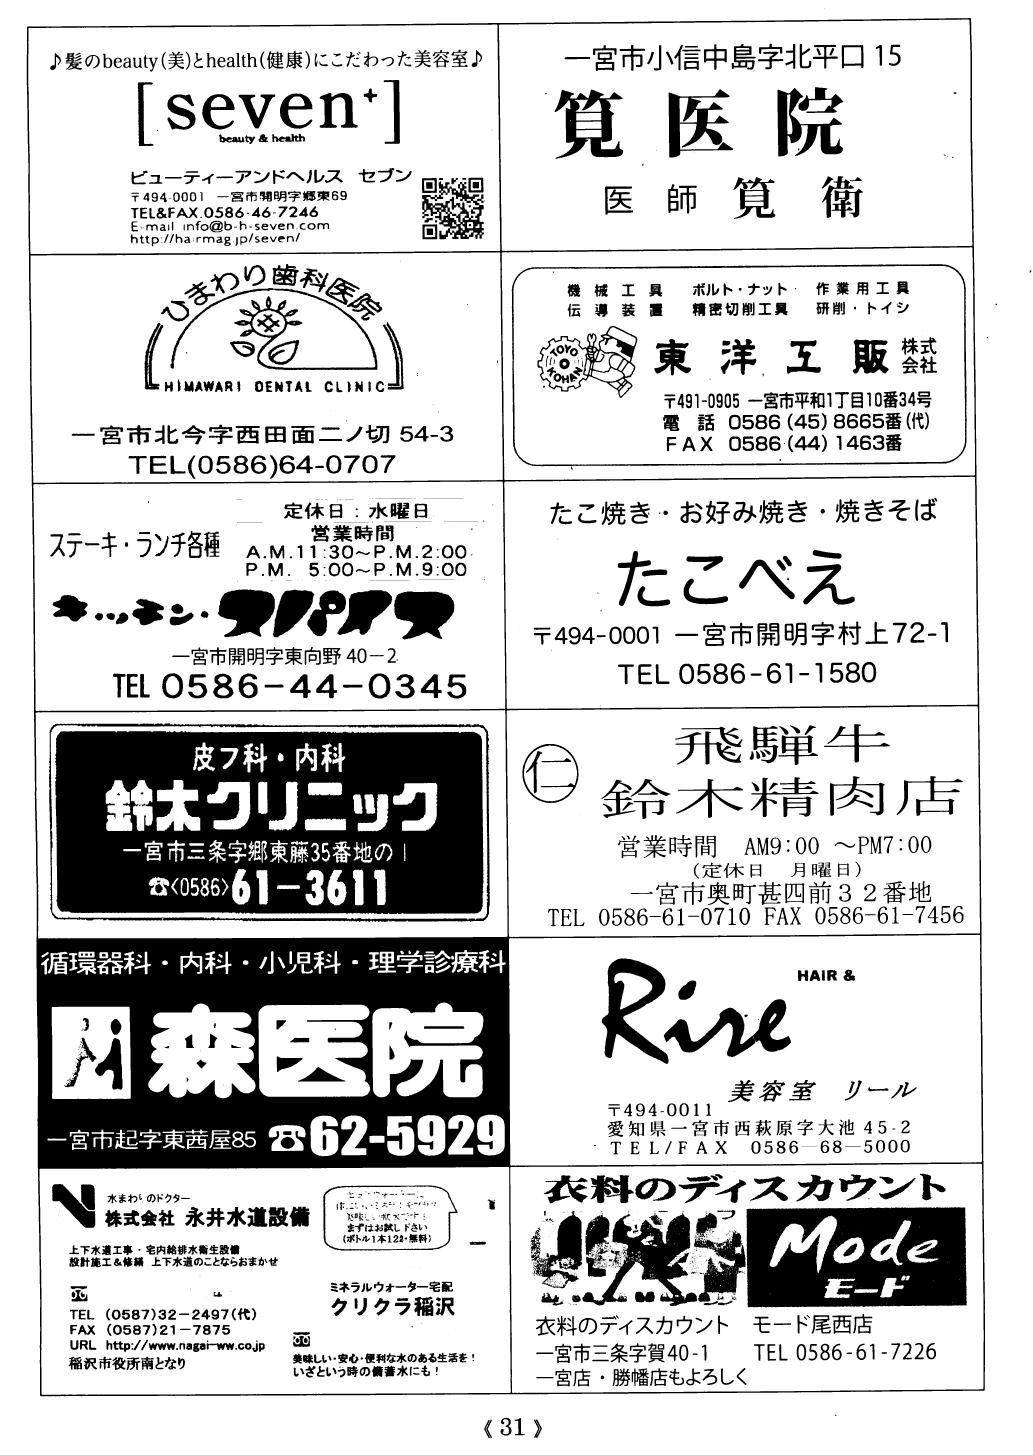 木曽川高校ブラスバンド部 第26回定期演奏会 東洋工販株式会社 2013 協賛